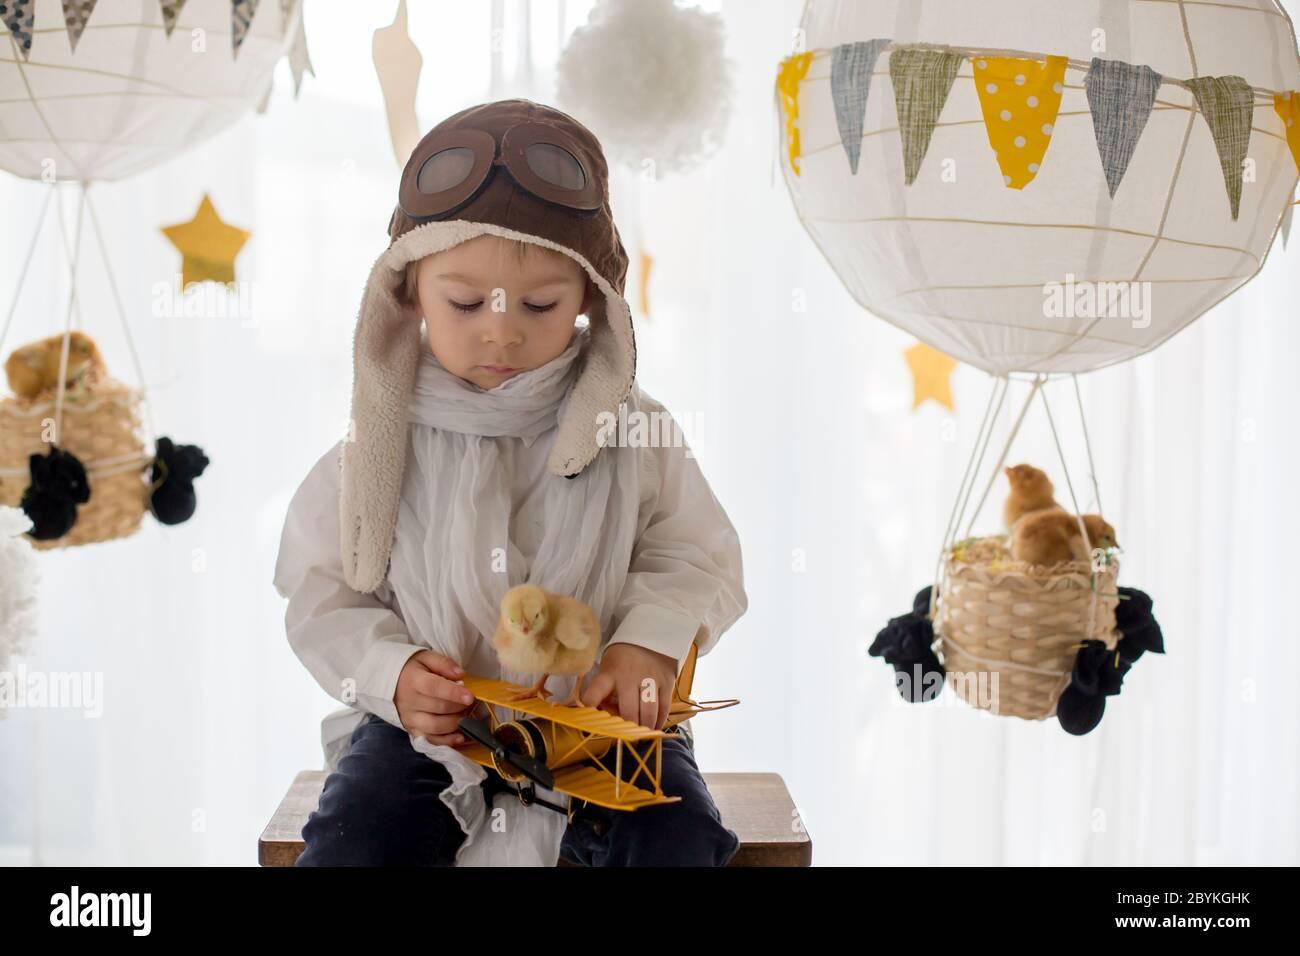 Mignon petit enfant, garçon, jouant avec des poussins à la maison, prétendant qu'il vole dans le ciel, pilote avec avion et poussin d'animal de compagnie Banque D'Images